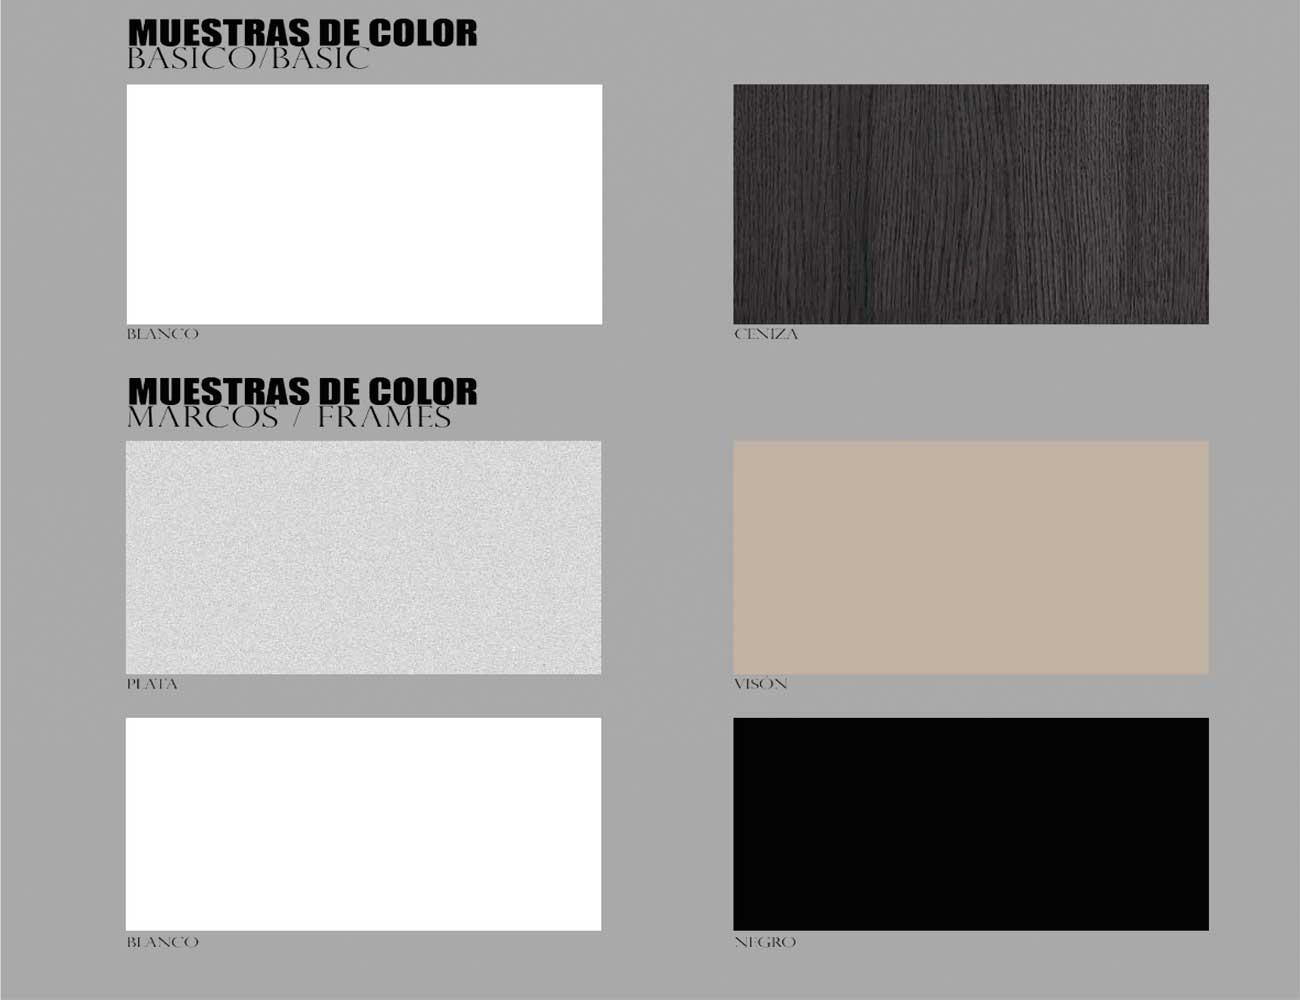 Colores tecnico10